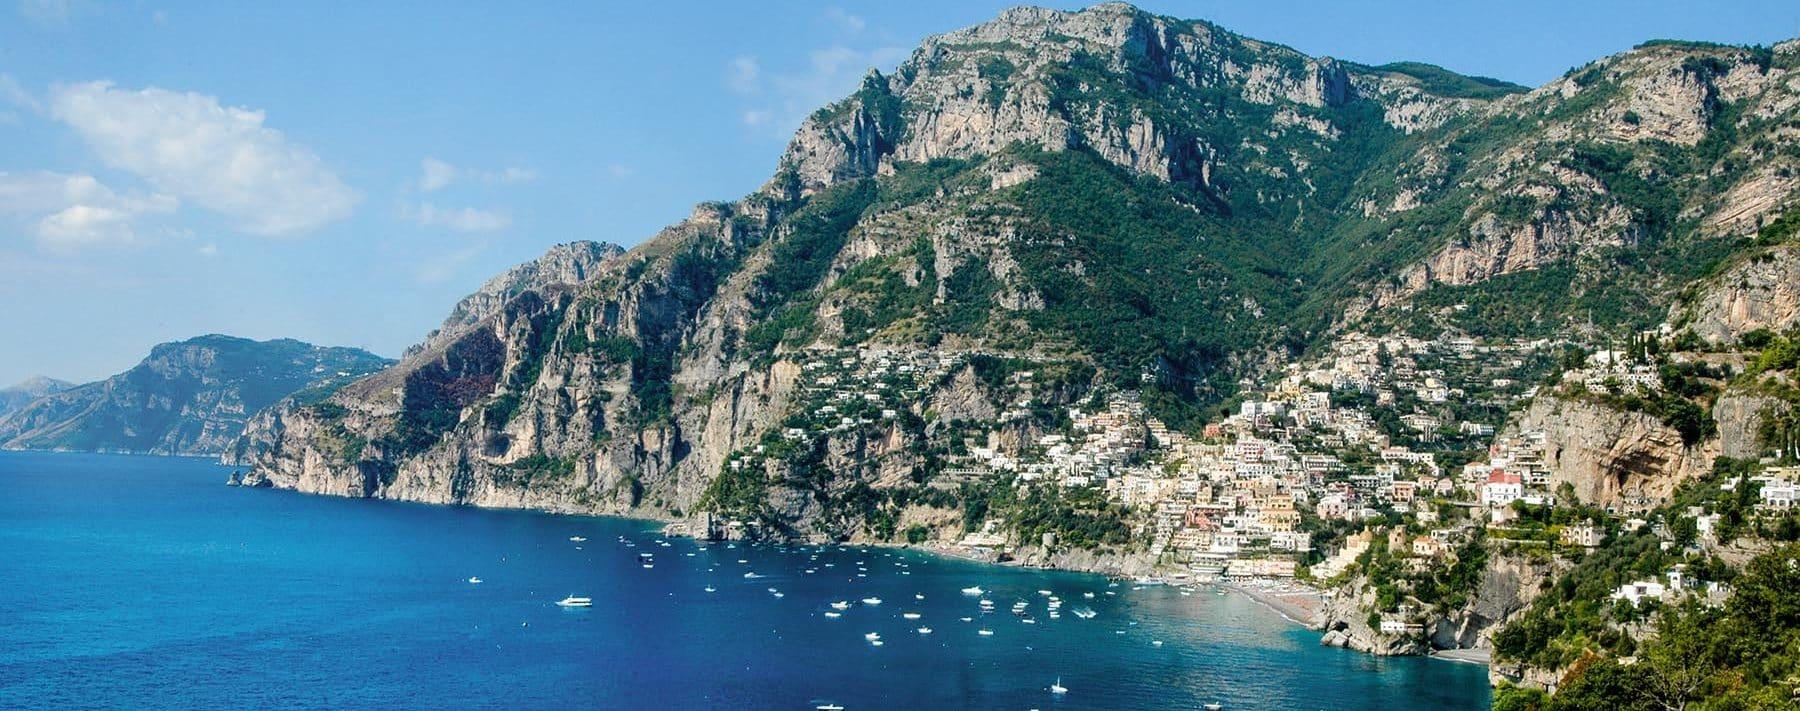 Positano langs Amalfikysten i Italia